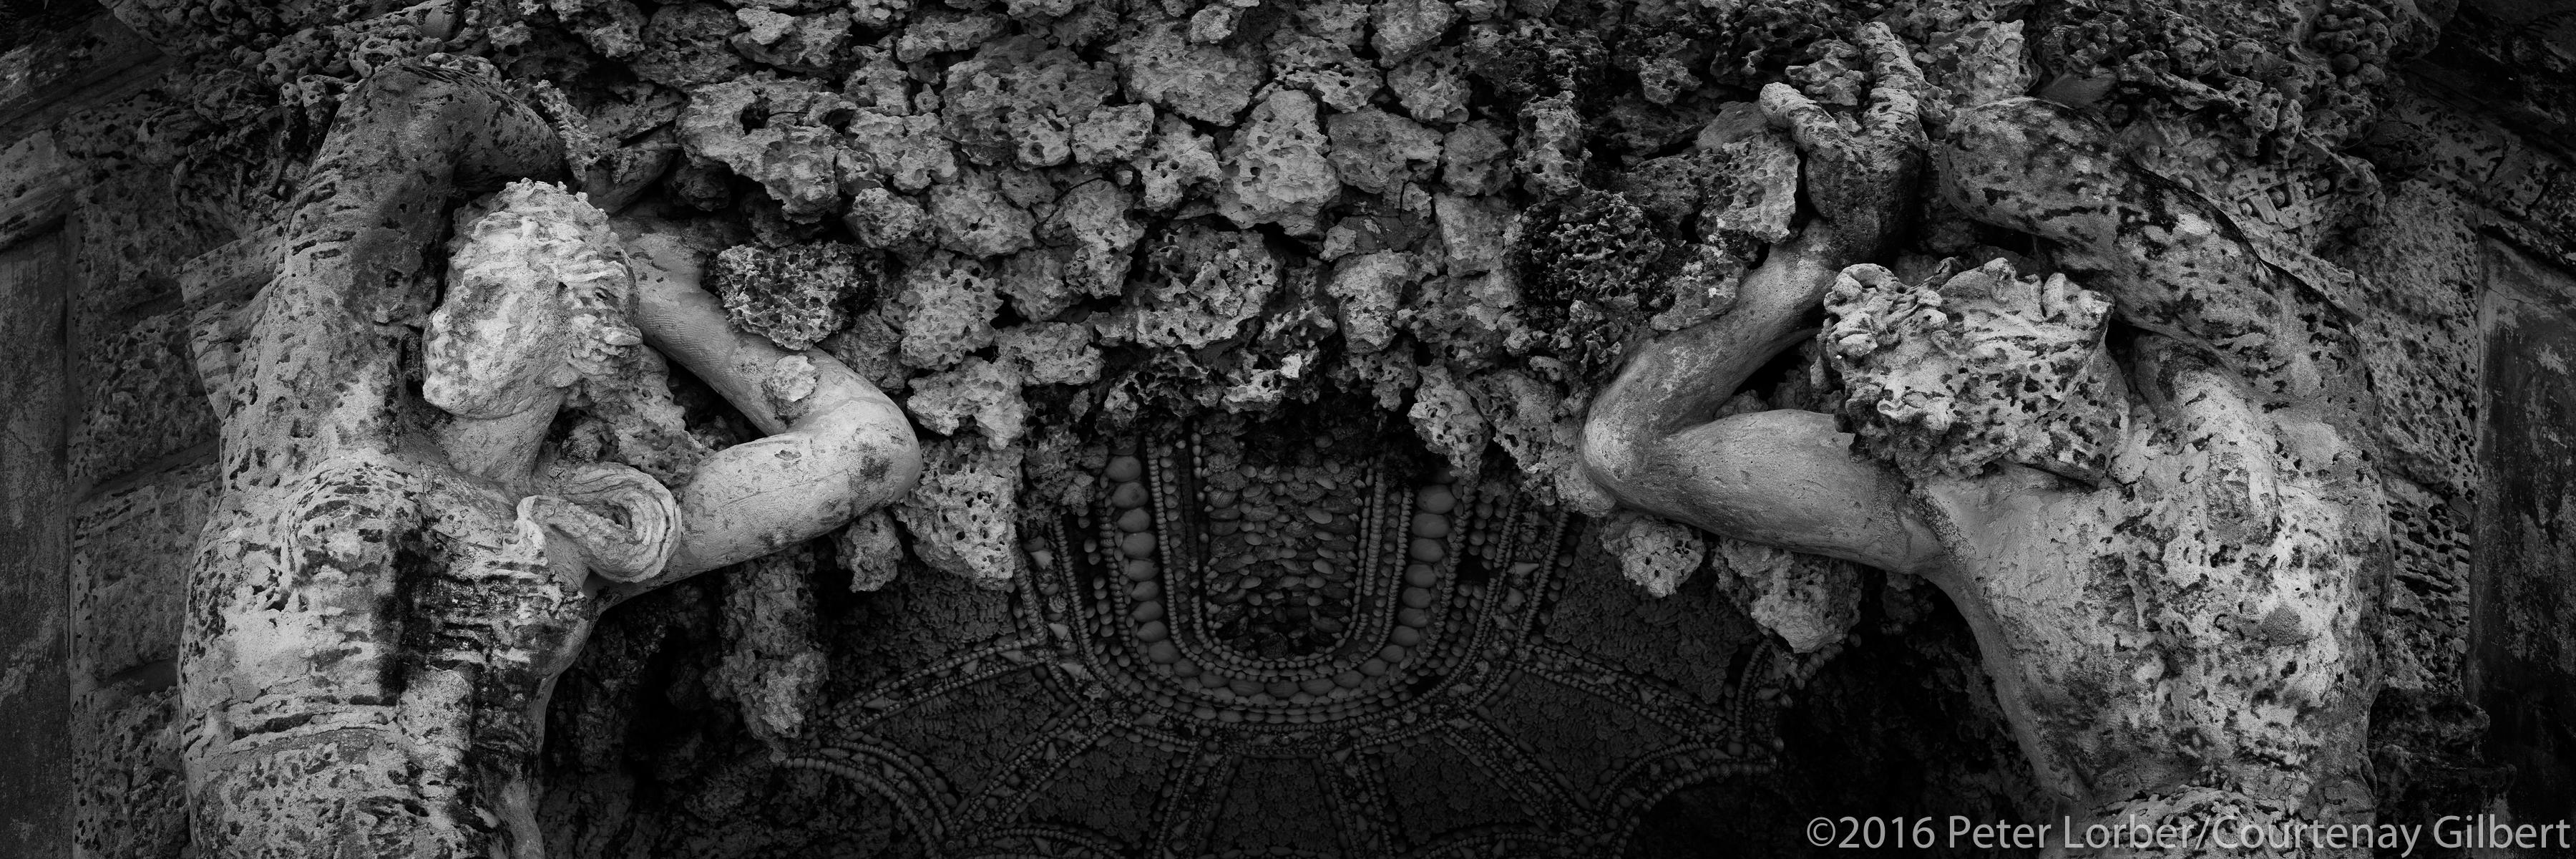 Vizcaya Grotto